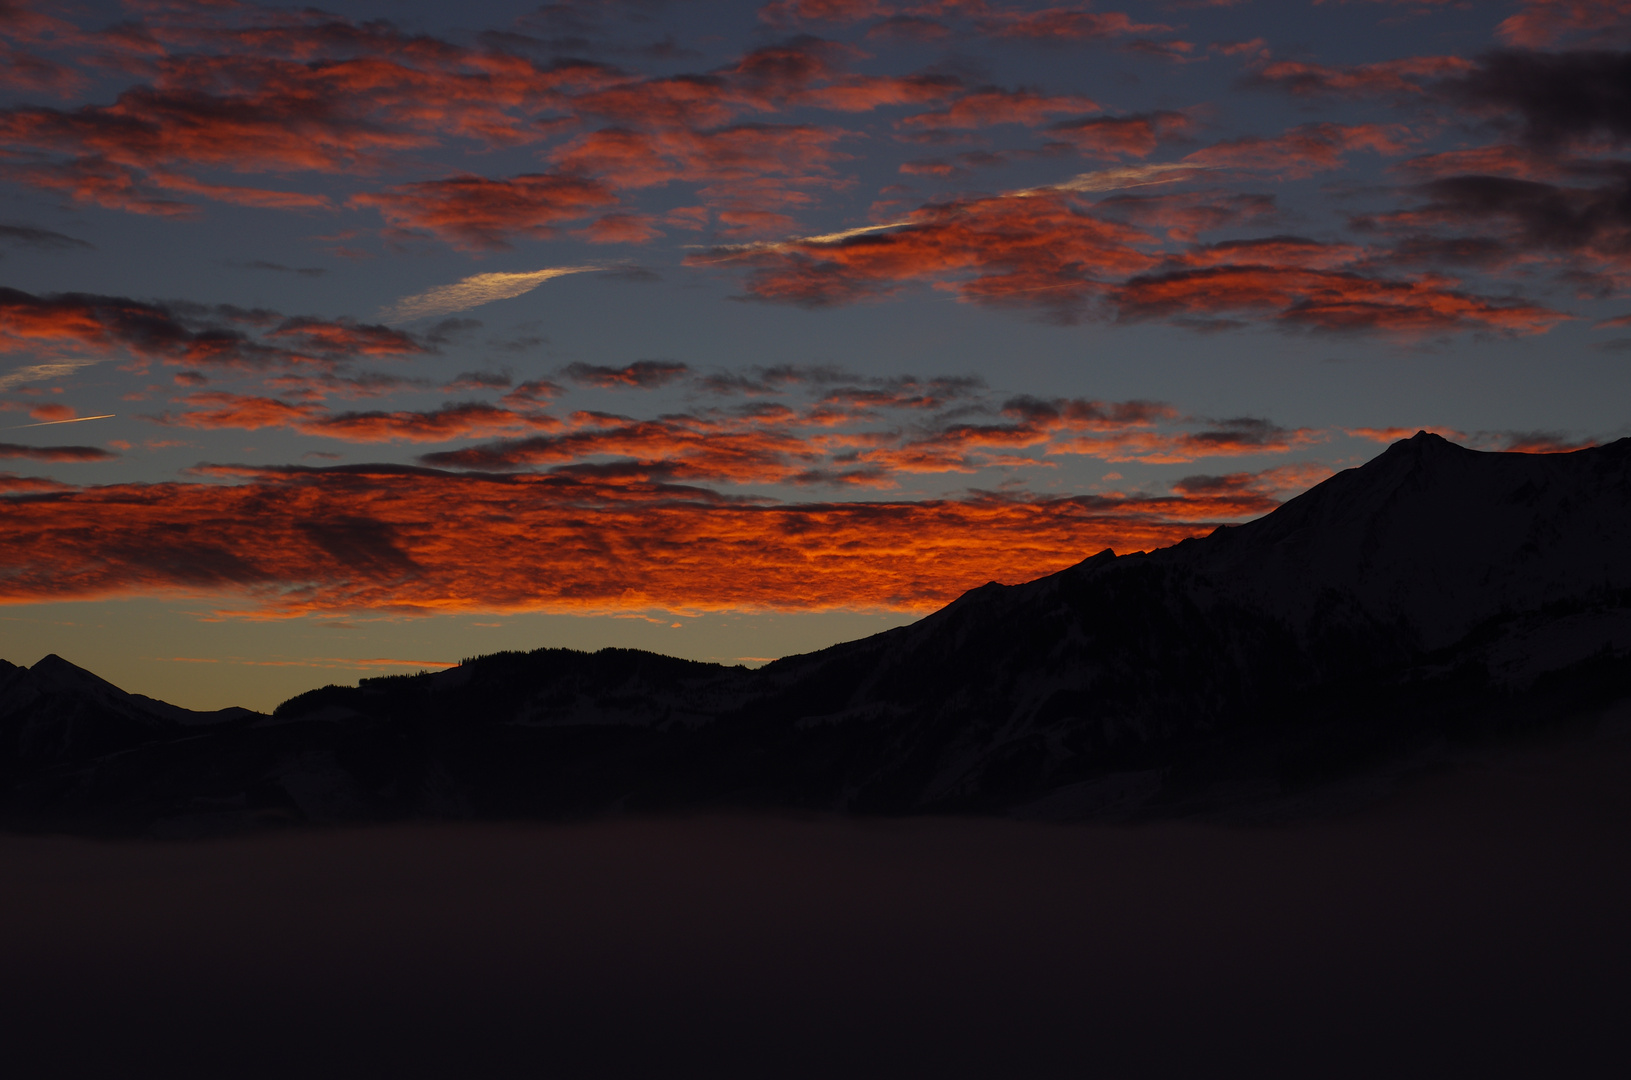 noch ein Sonnenaufgang in den Bergen